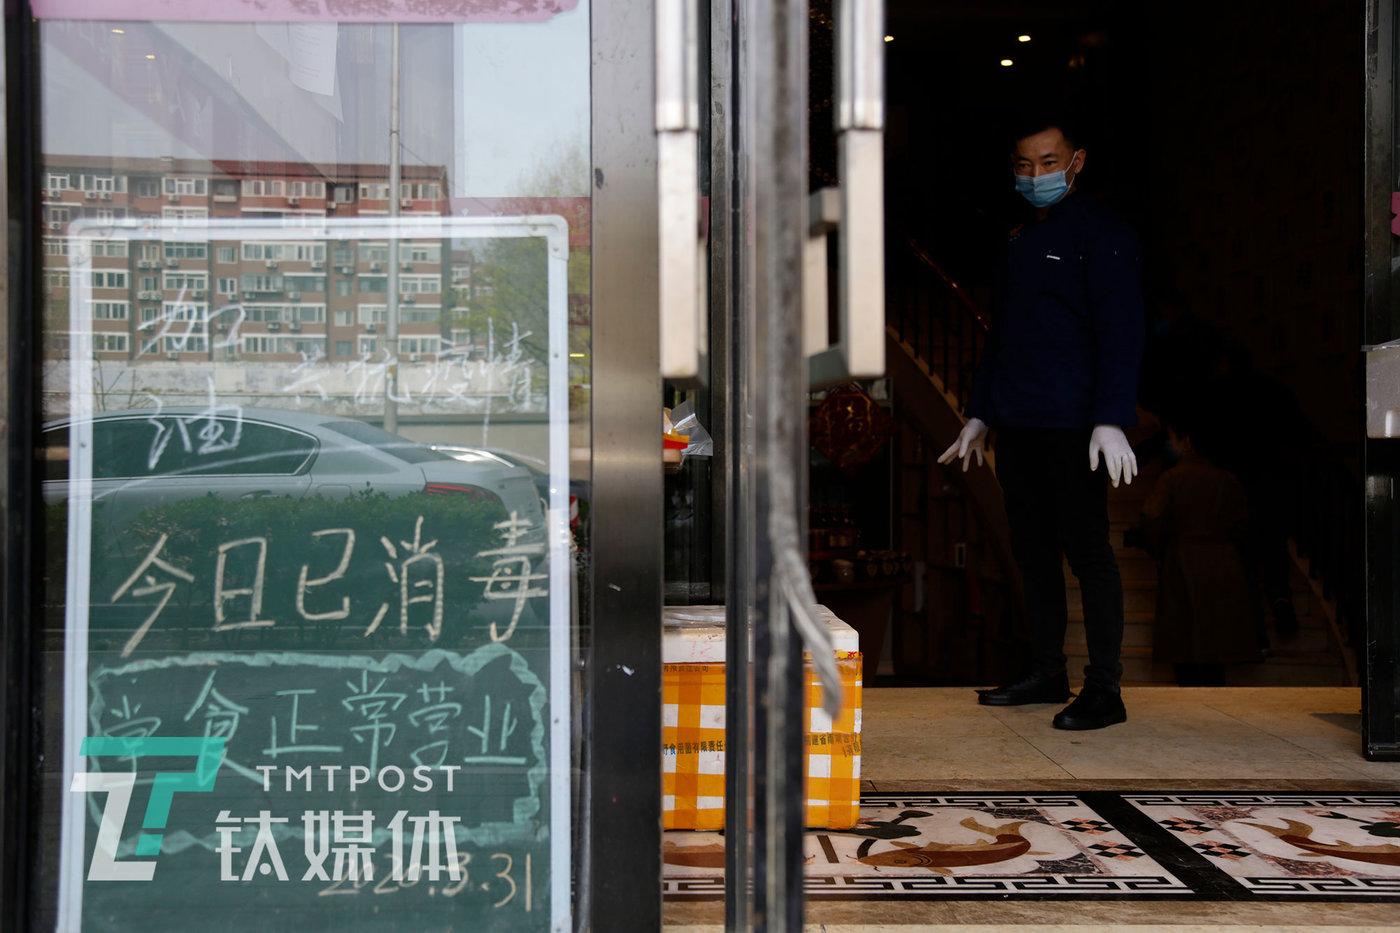 3月31日,北京,湘悦楼门口摆着疫情相关标语黑板,上面写着:加油!共抗疫情。今日已消毒,堂食正常营业。